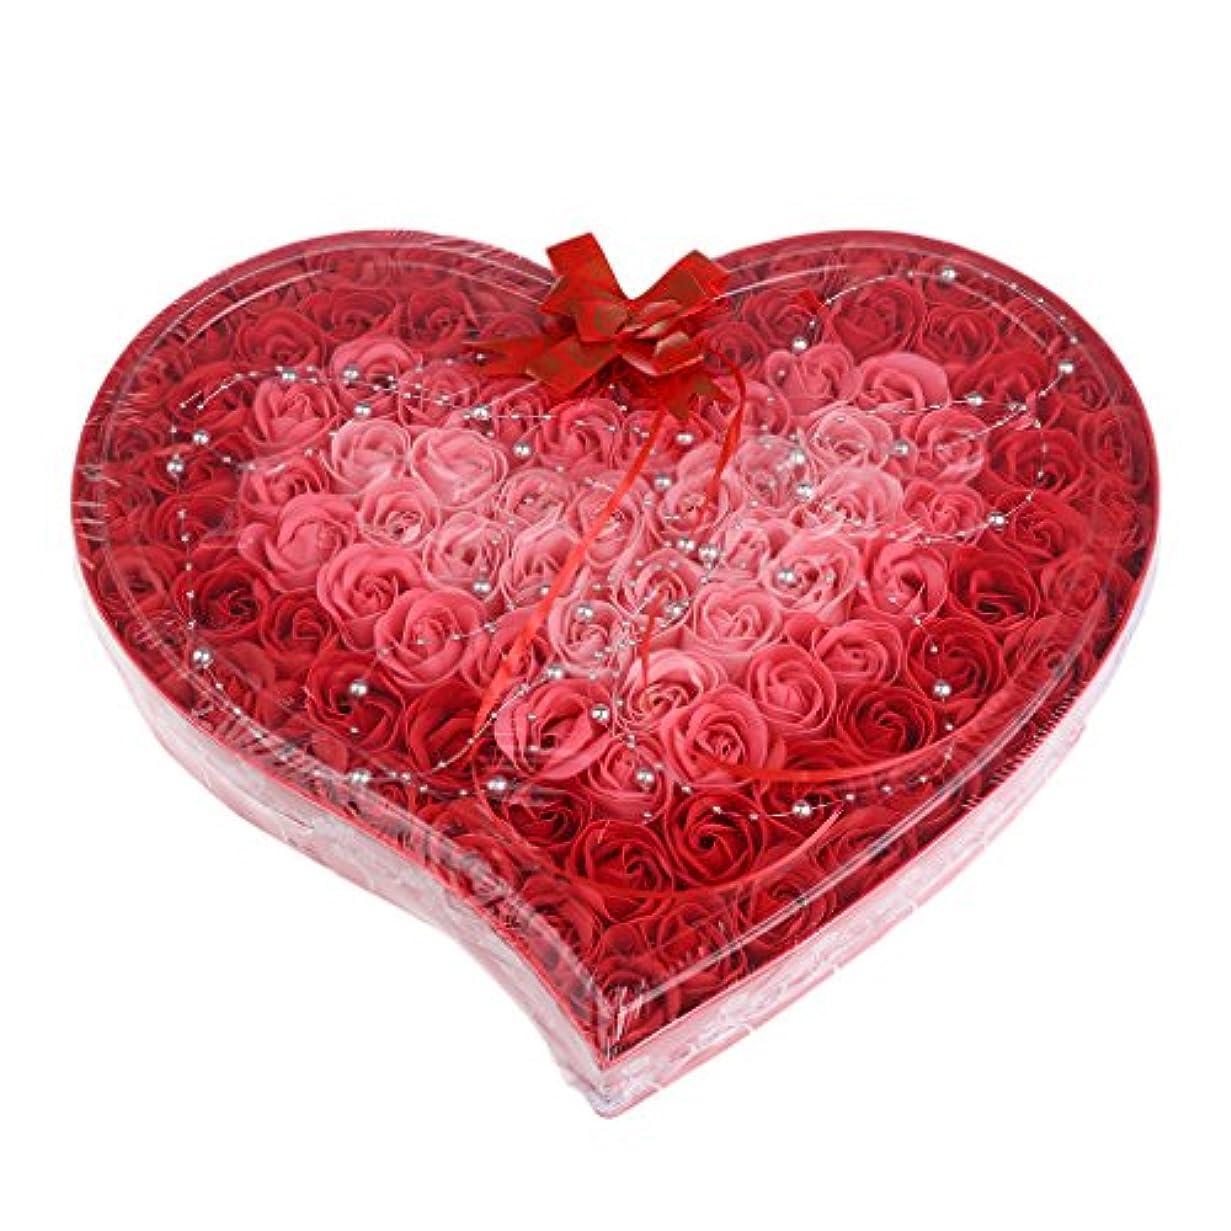 形状ファセット信頼Kesoto 石鹸の花 造花 ソープフラワー 心の形 ギフトボックス  母の日   バレンタイン プレゼント 全4色選べる - 赤